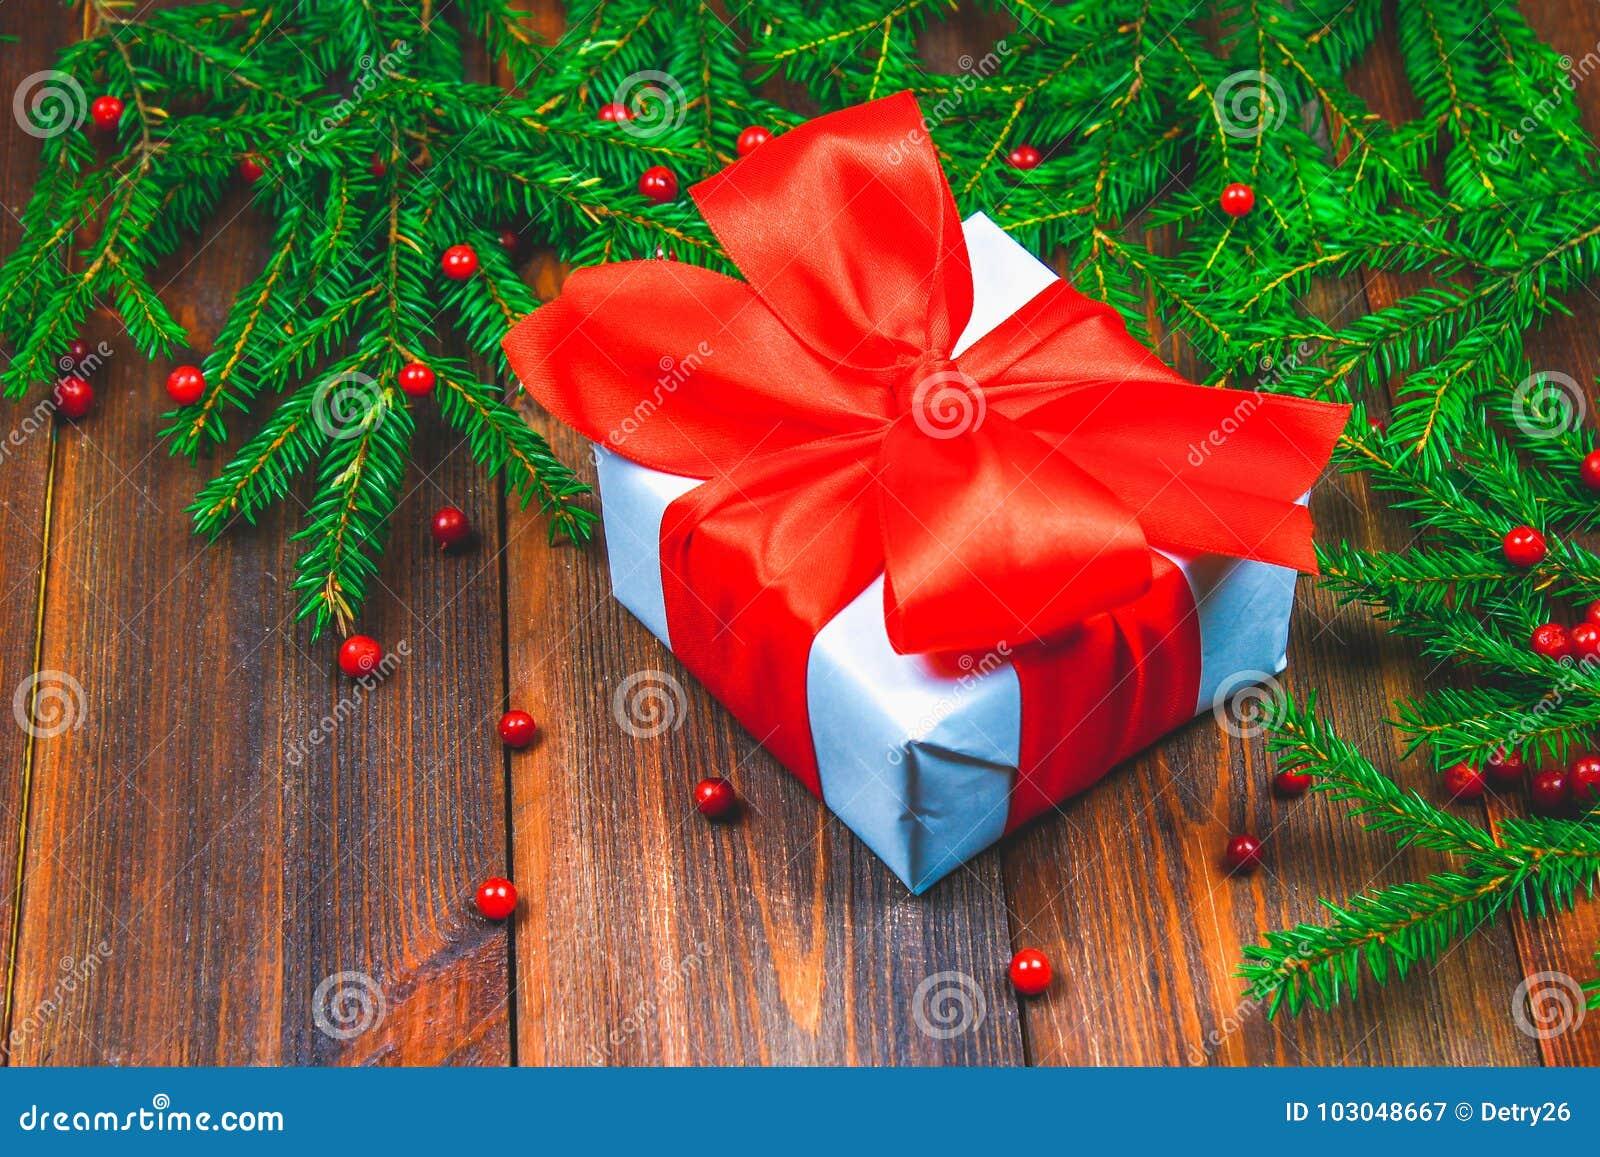 Елевые ветви с красными ягодами на деревянном столе В центре коробки с настоящими моментами перевязанные смычки Рождество, праздн